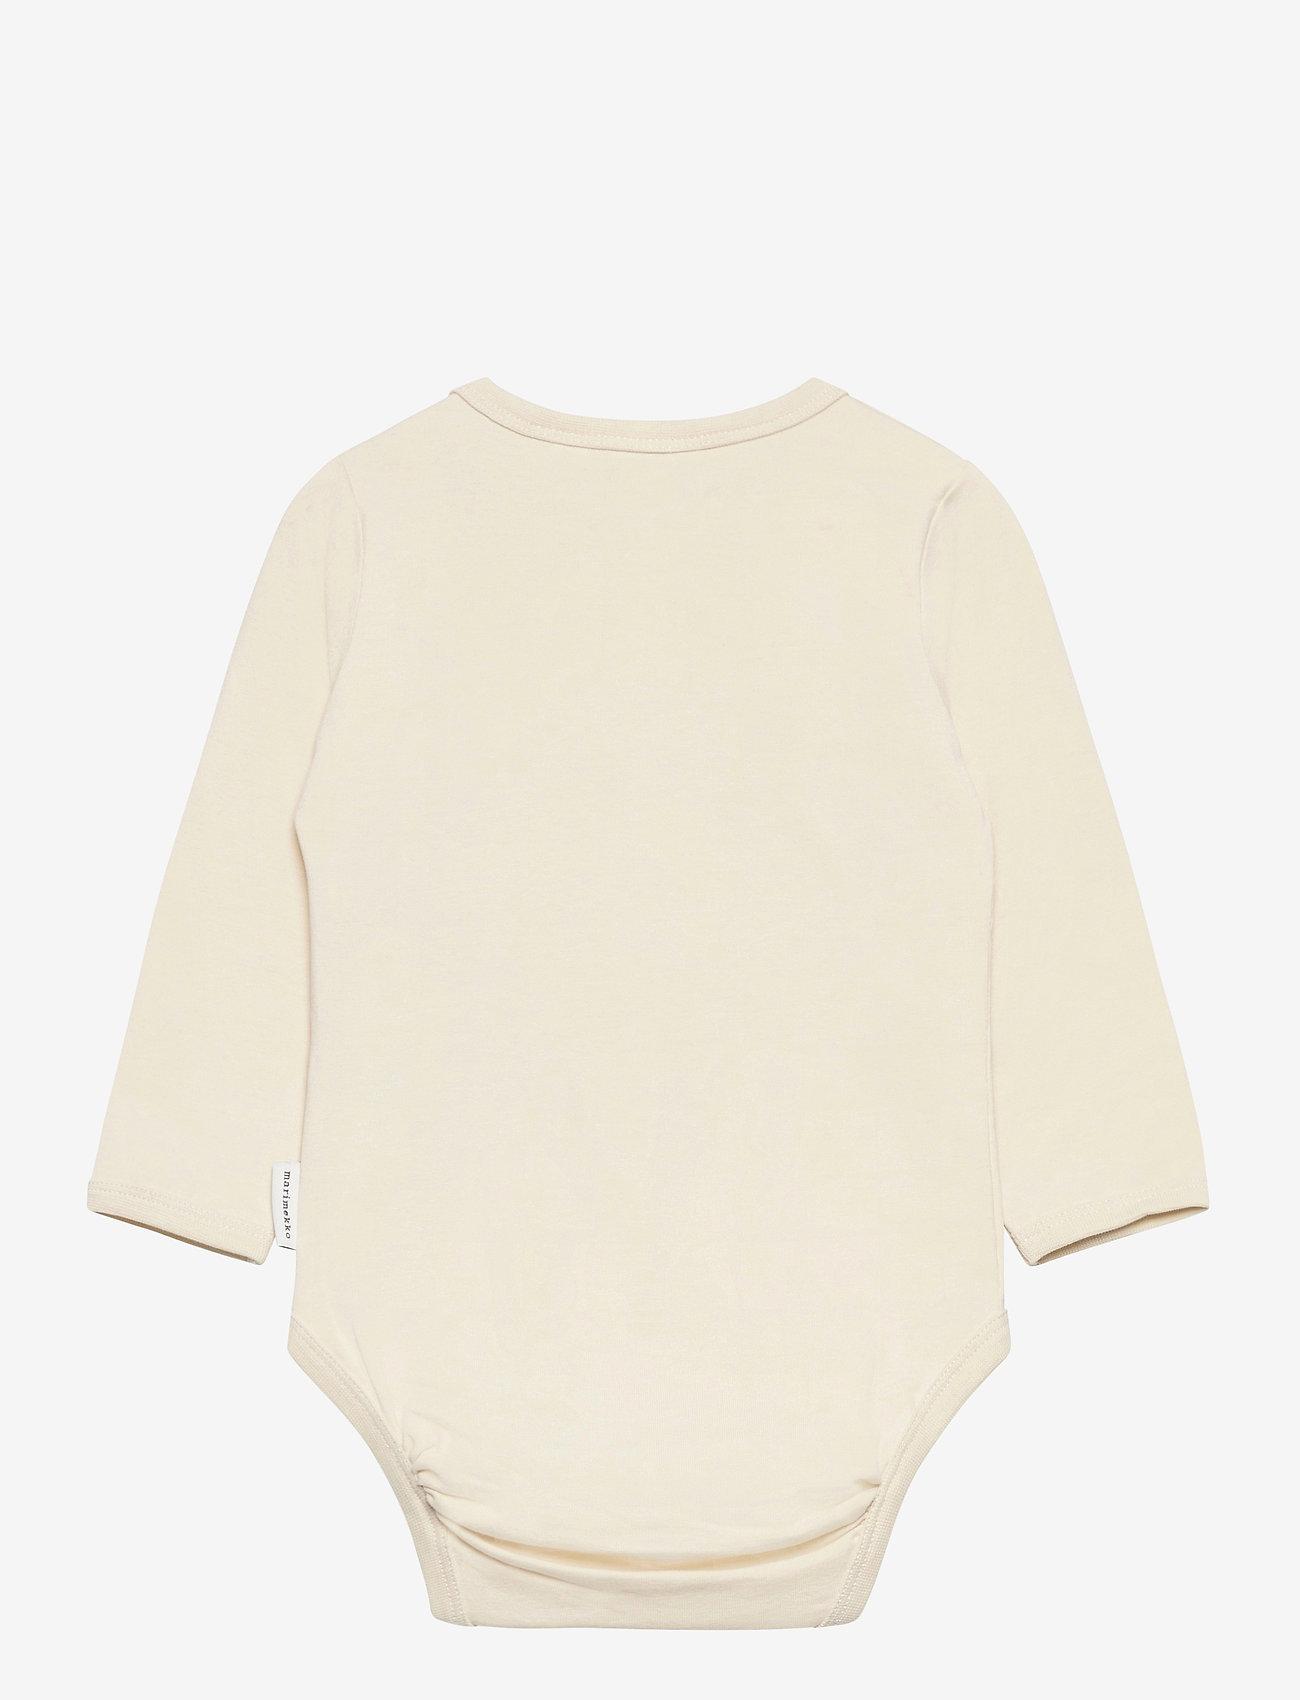 Marimekko - VINDE UNIKKO PLACEMENT BODYSUIT - długie rękawy - beige, light turquoise, black - 1